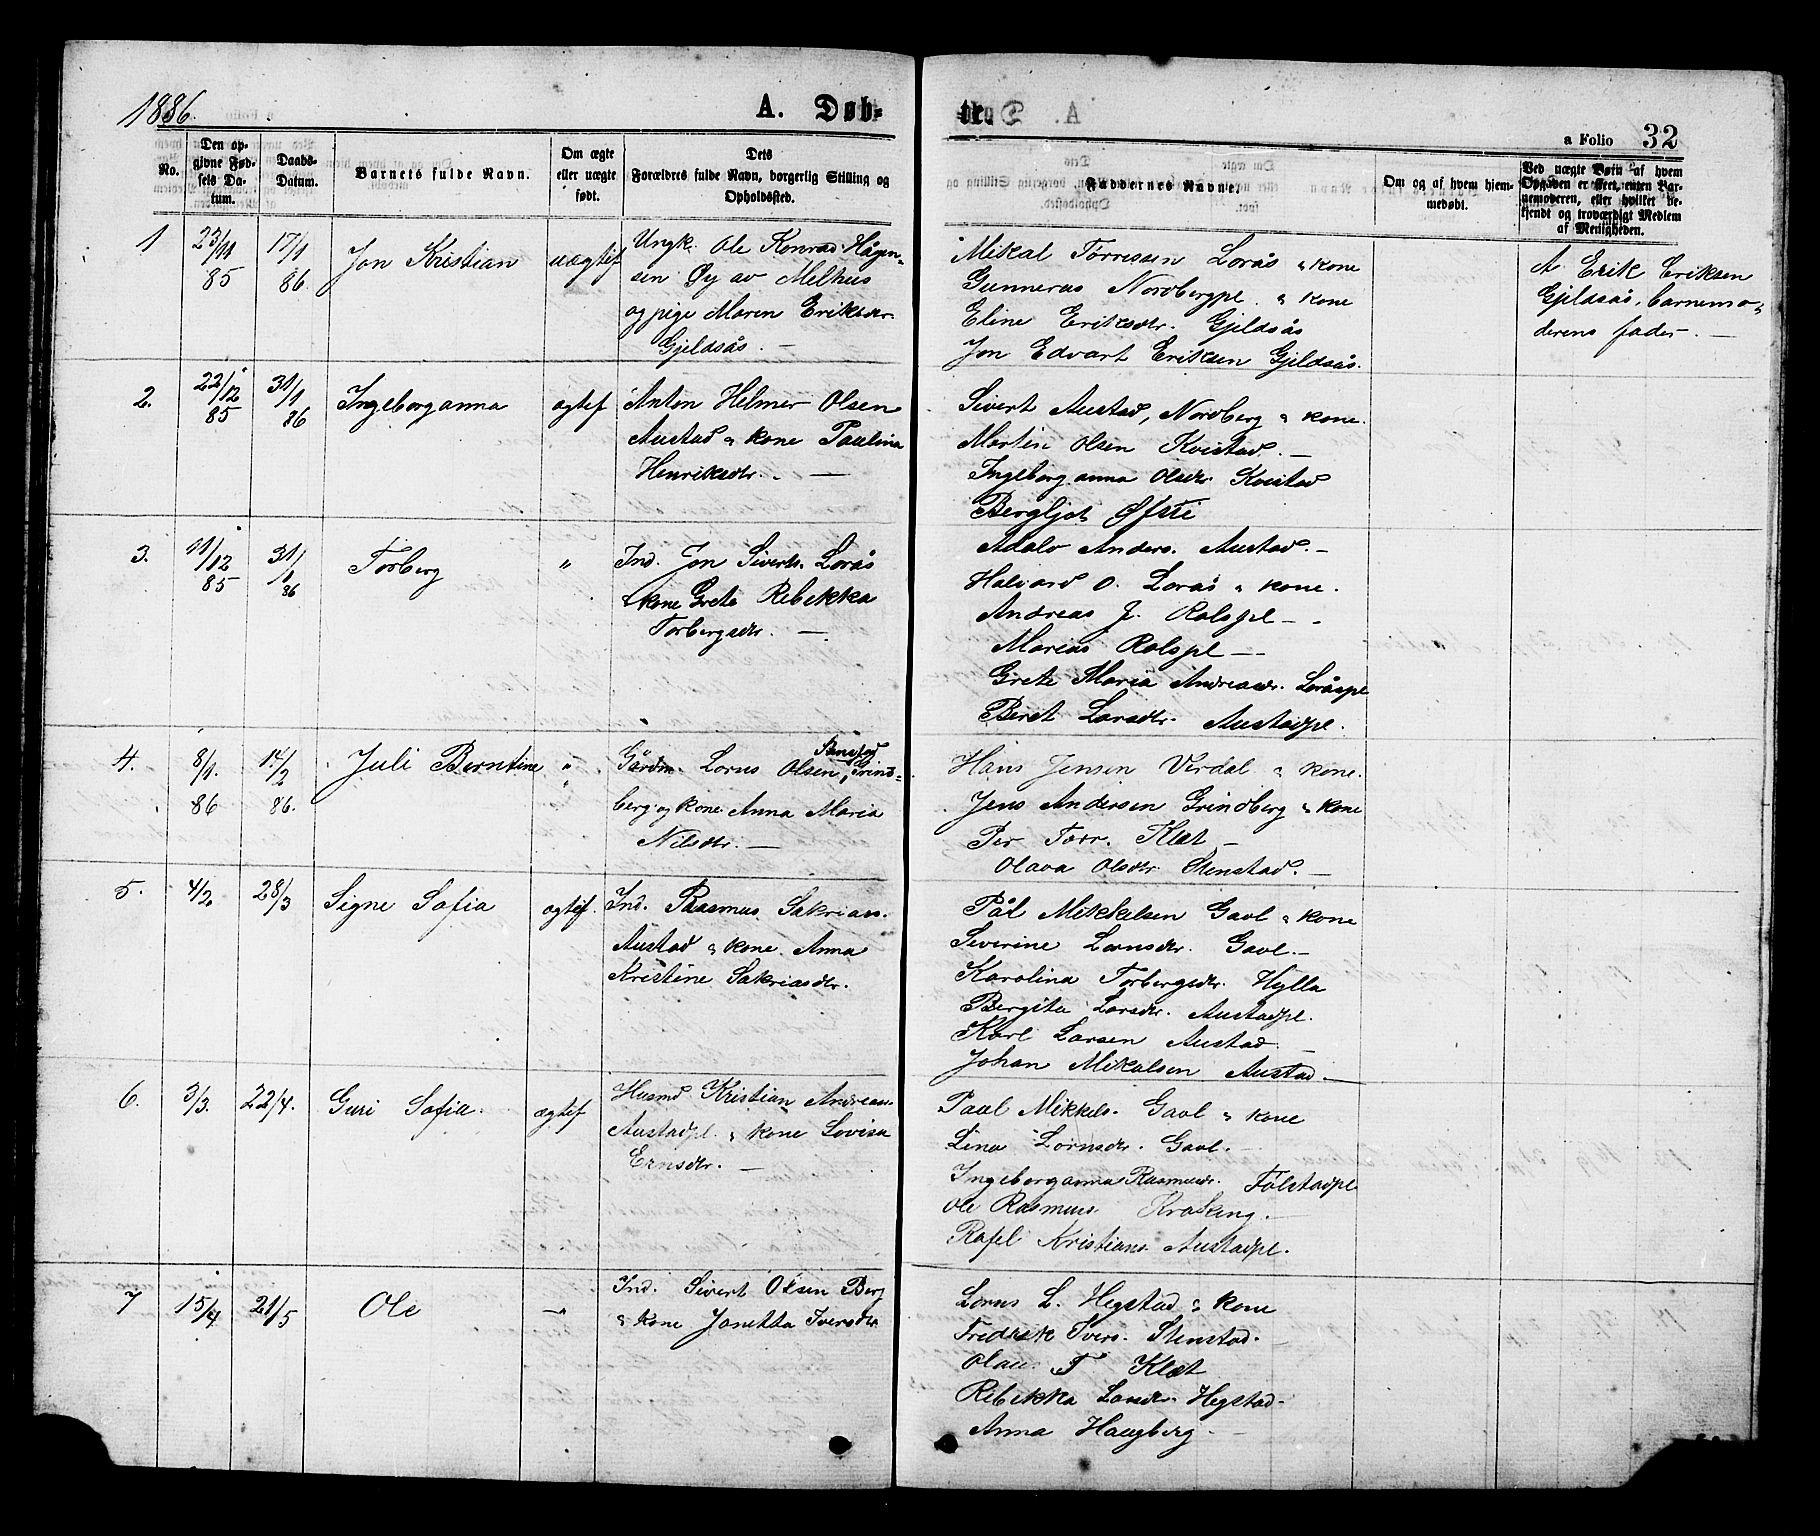 SAT, Ministerialprotokoller, klokkerbøker og fødselsregistre - Nord-Trøndelag, 731/L0311: Klokkerbok nr. 731C02, 1875-1911, s. 32